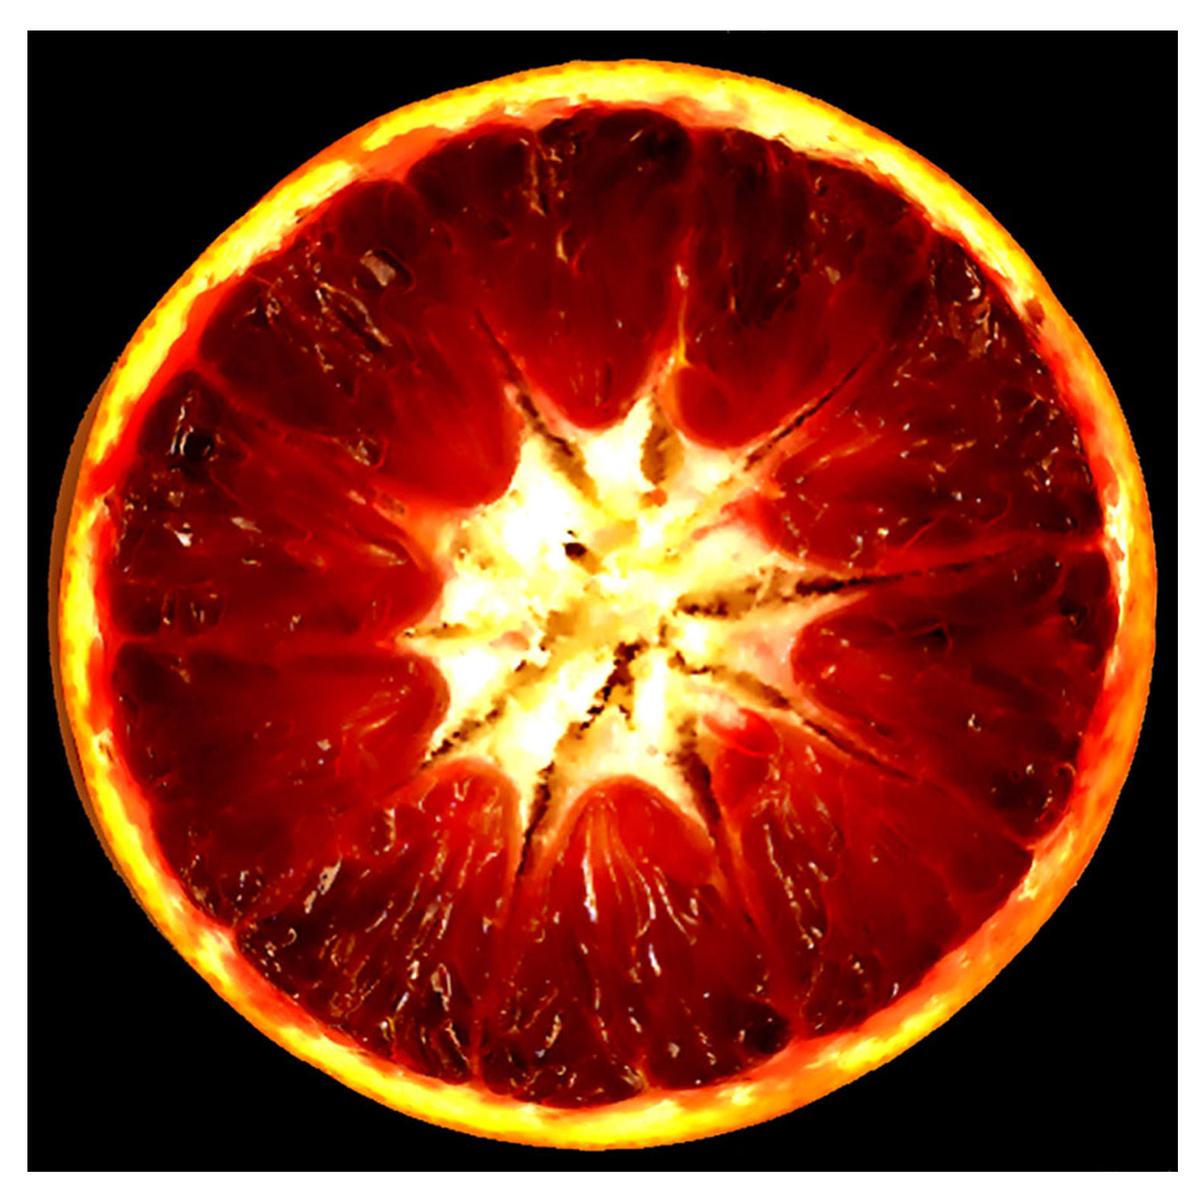 Blood Orange (large view)